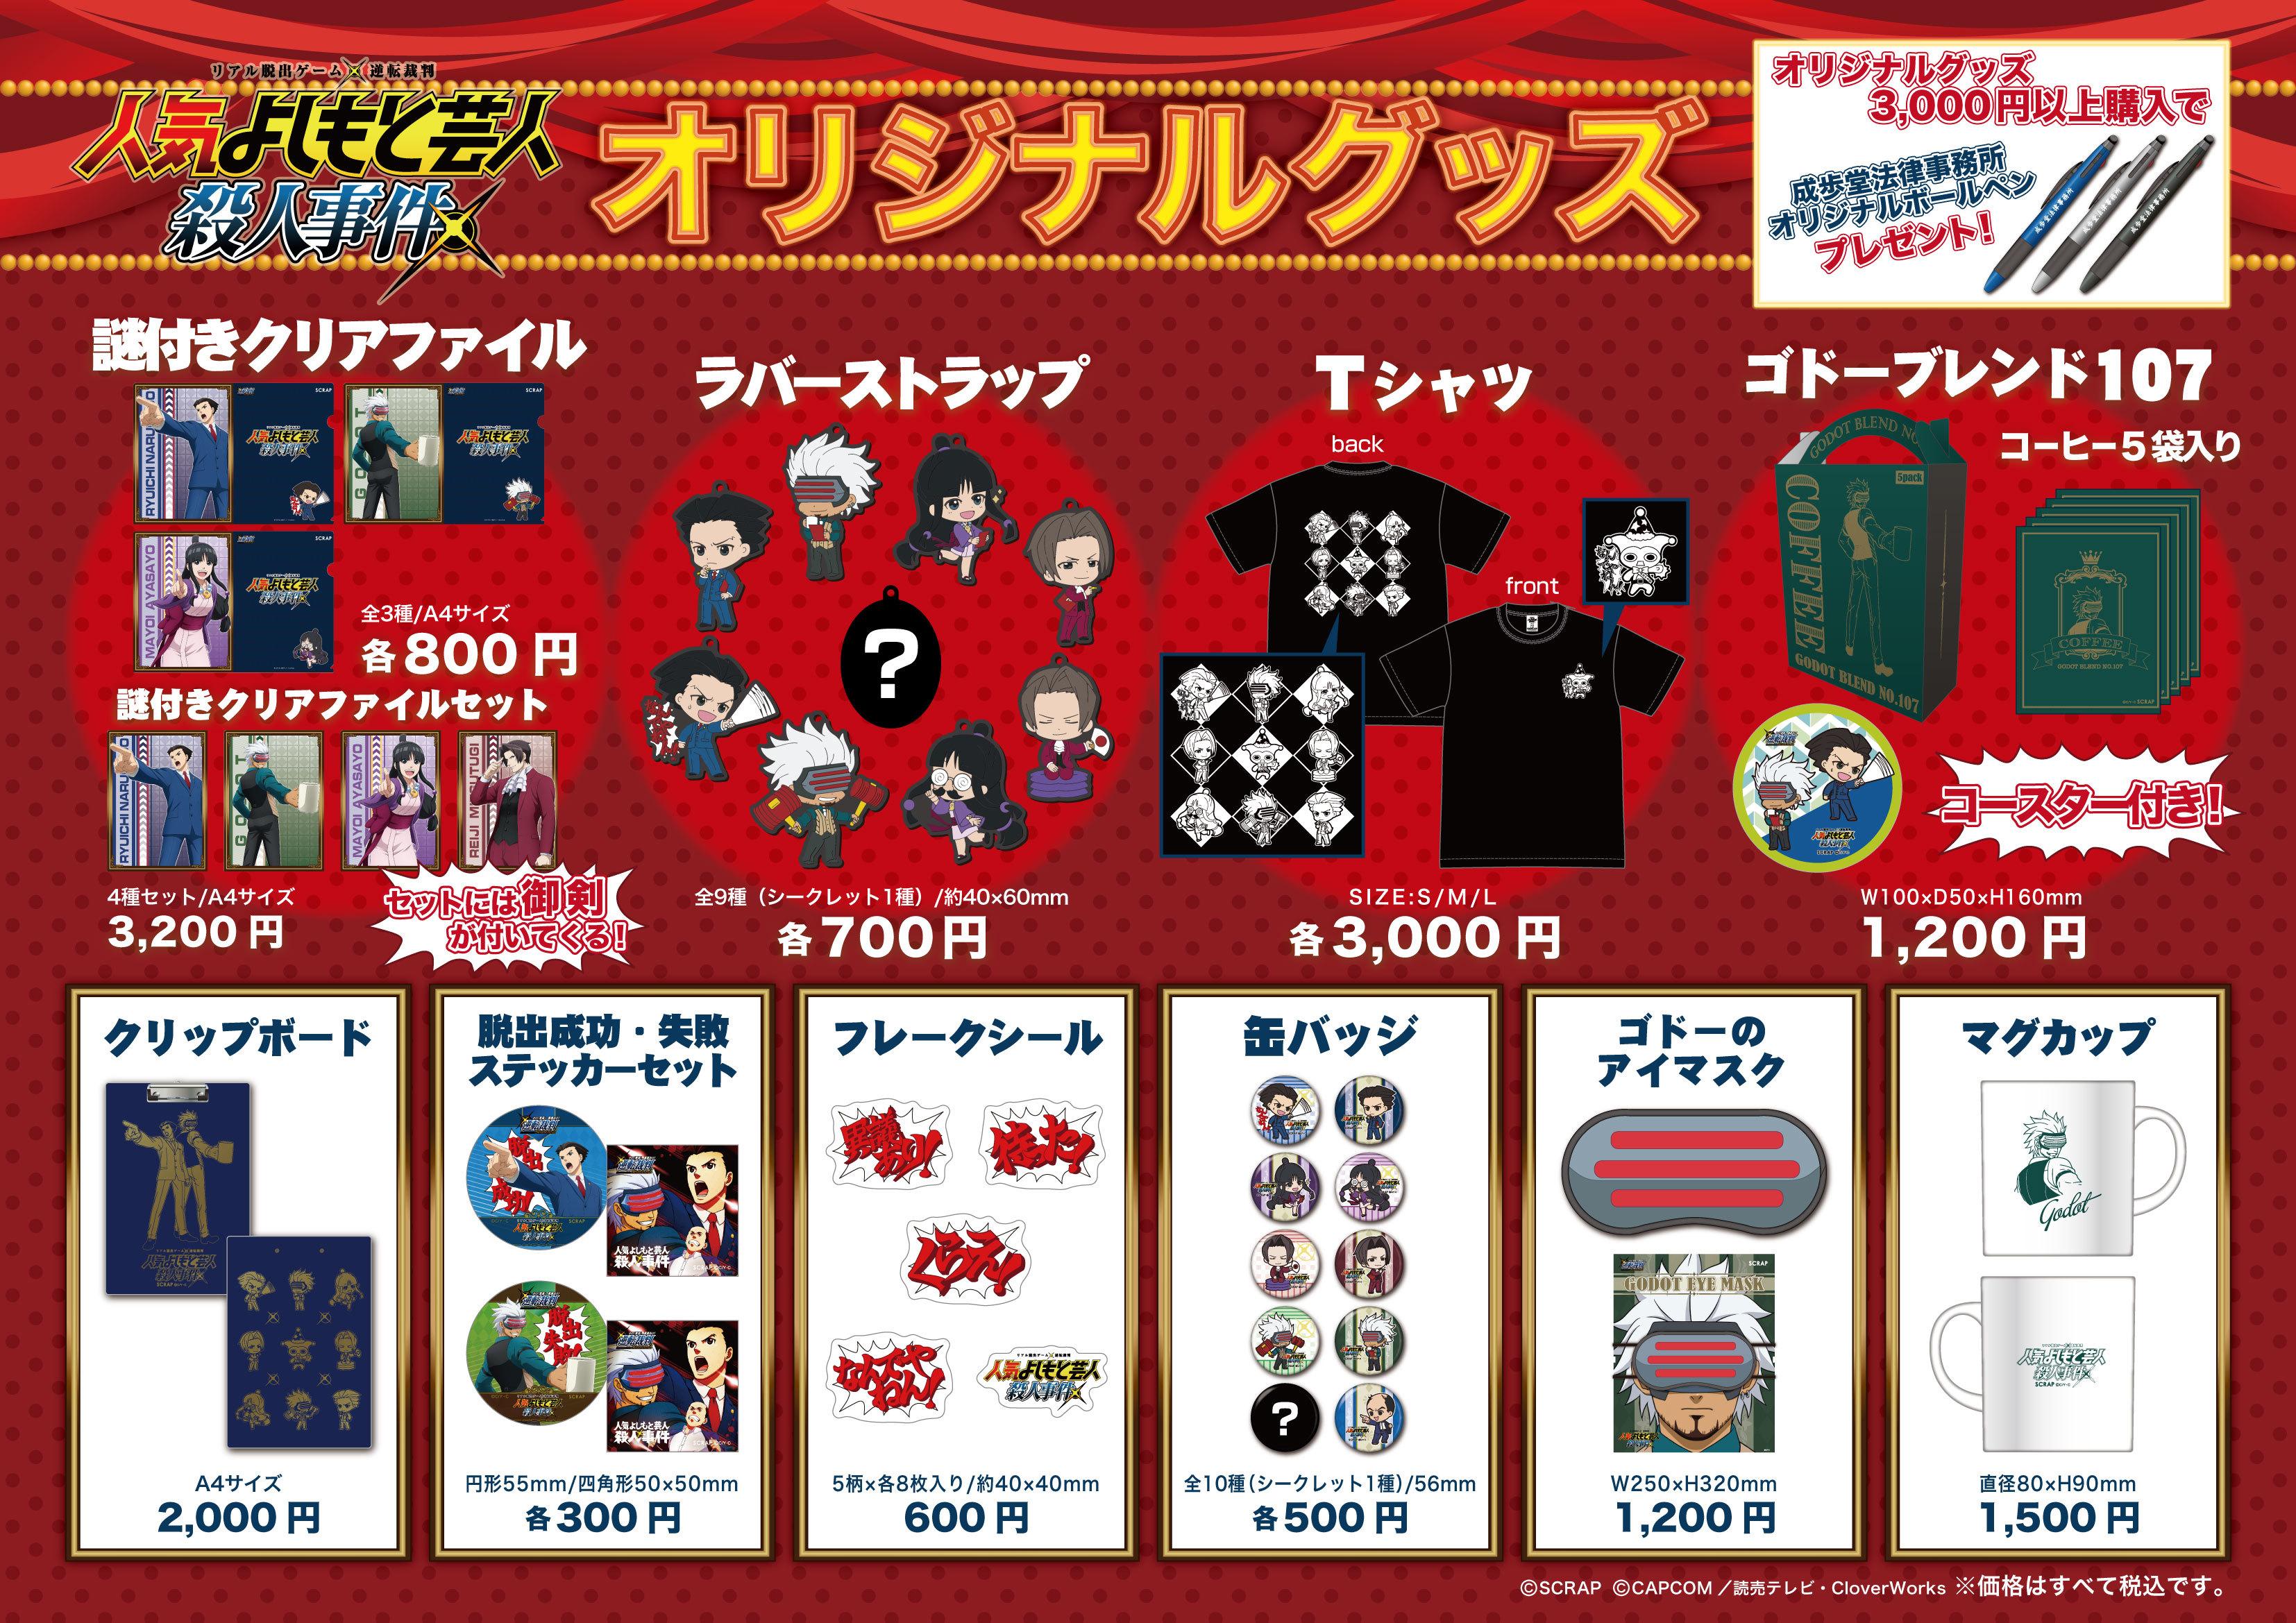 会場ではバラエティに富んだオリジナルグッズも多数取りそろえられている。3000円以上購入で非売品の「成歩堂法律事務所」オリジナルボールペンがもらえる。